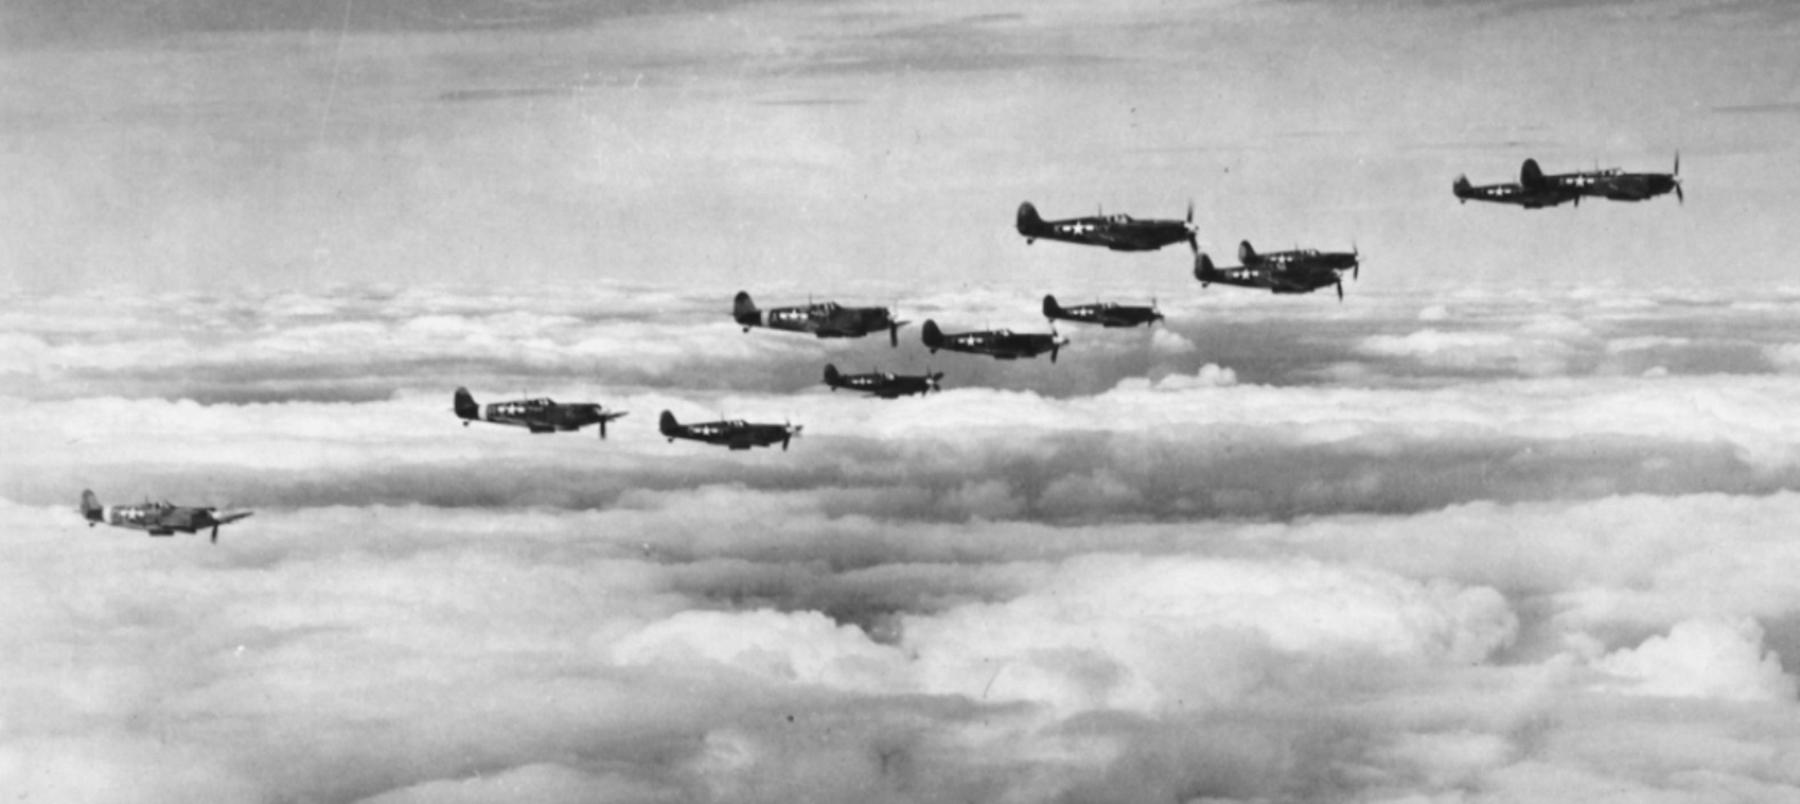 Spitfire MkVb USAAF 67TRG12TRS in formation over England 03